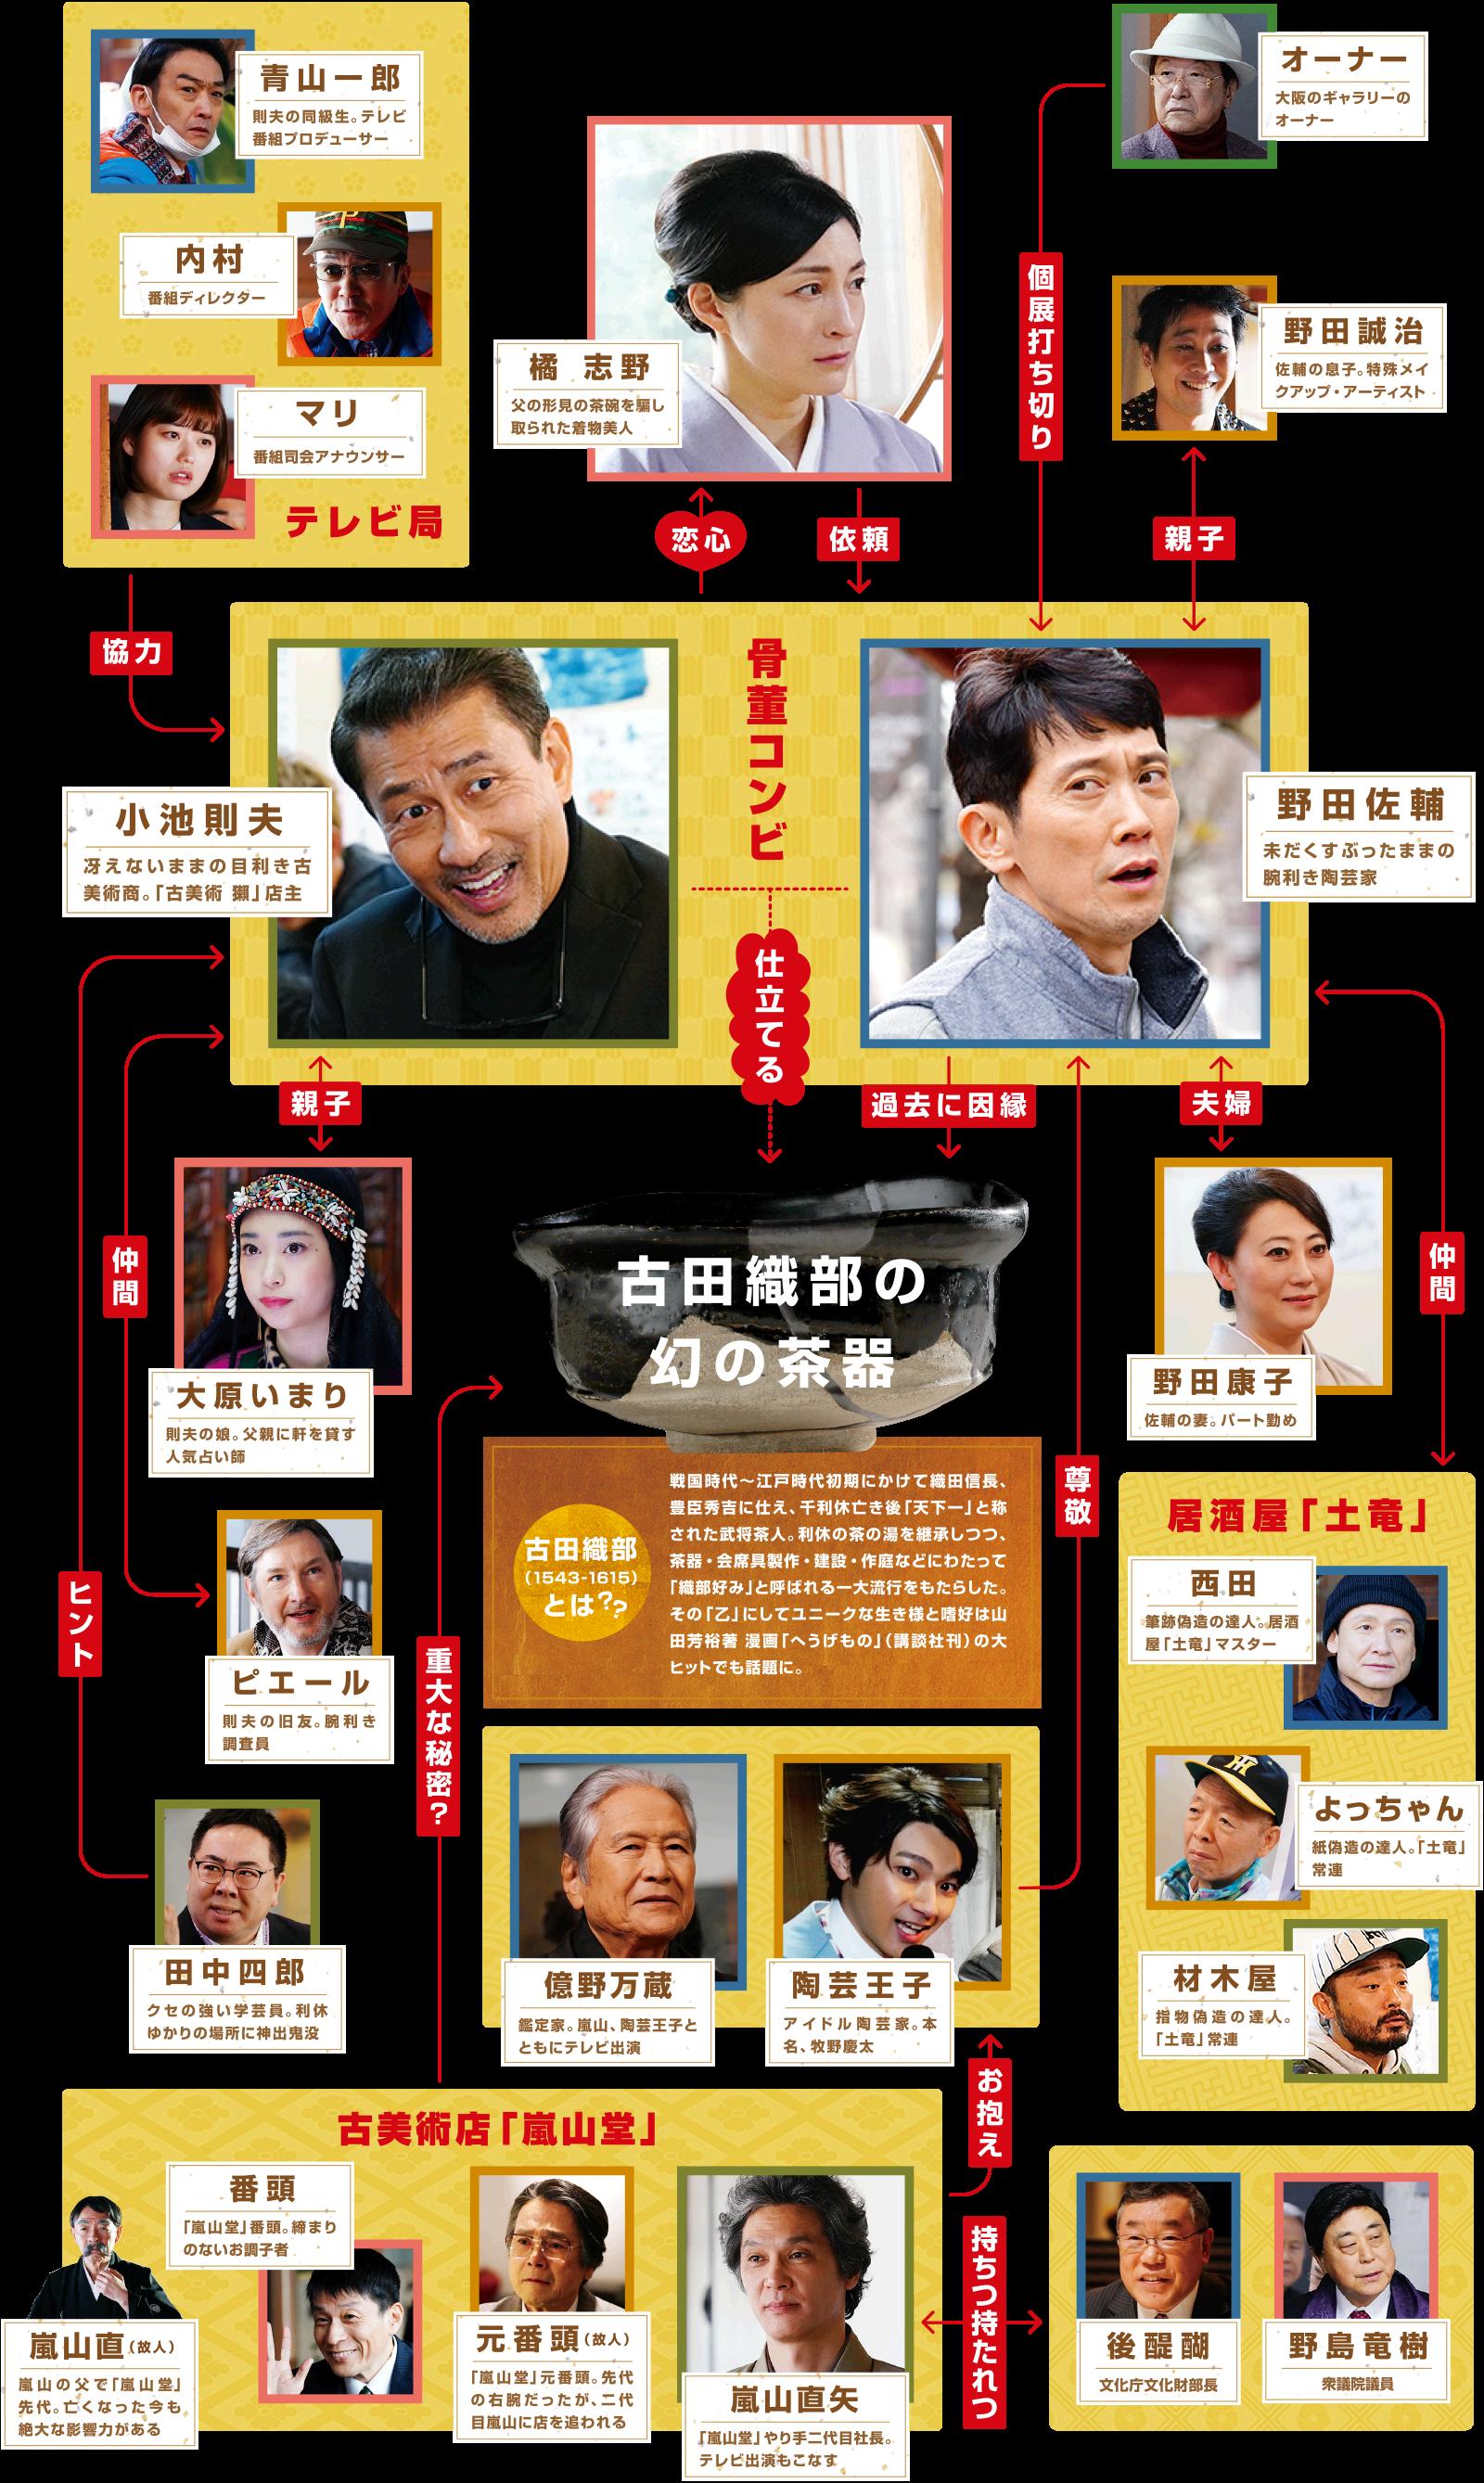 映画『嘘八百 京町ロワイヤル』 公式サイト